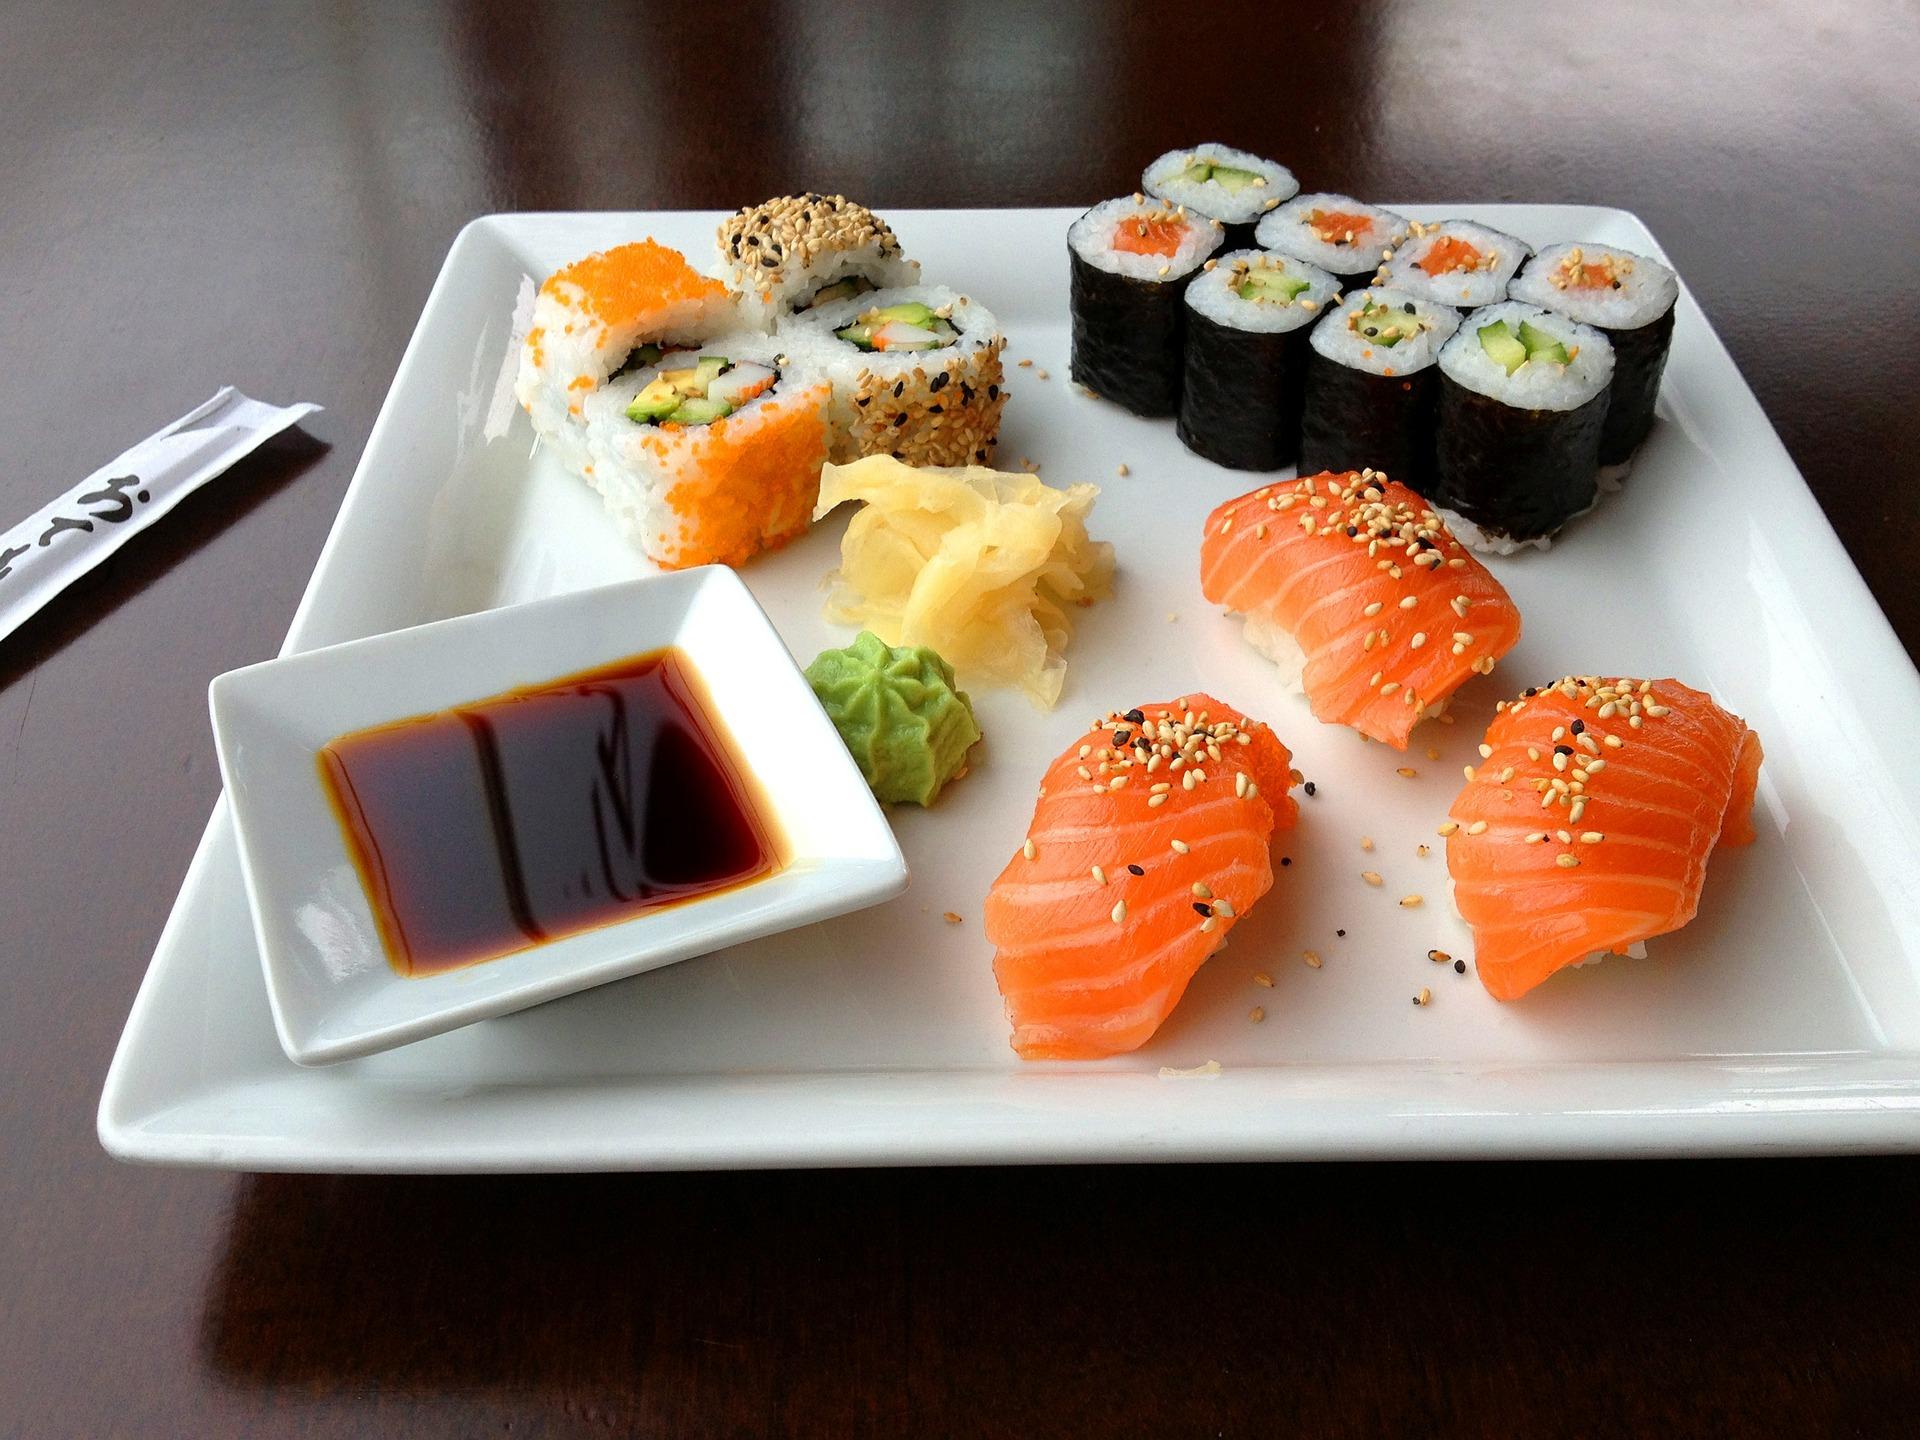 Maak je eigen sushi!